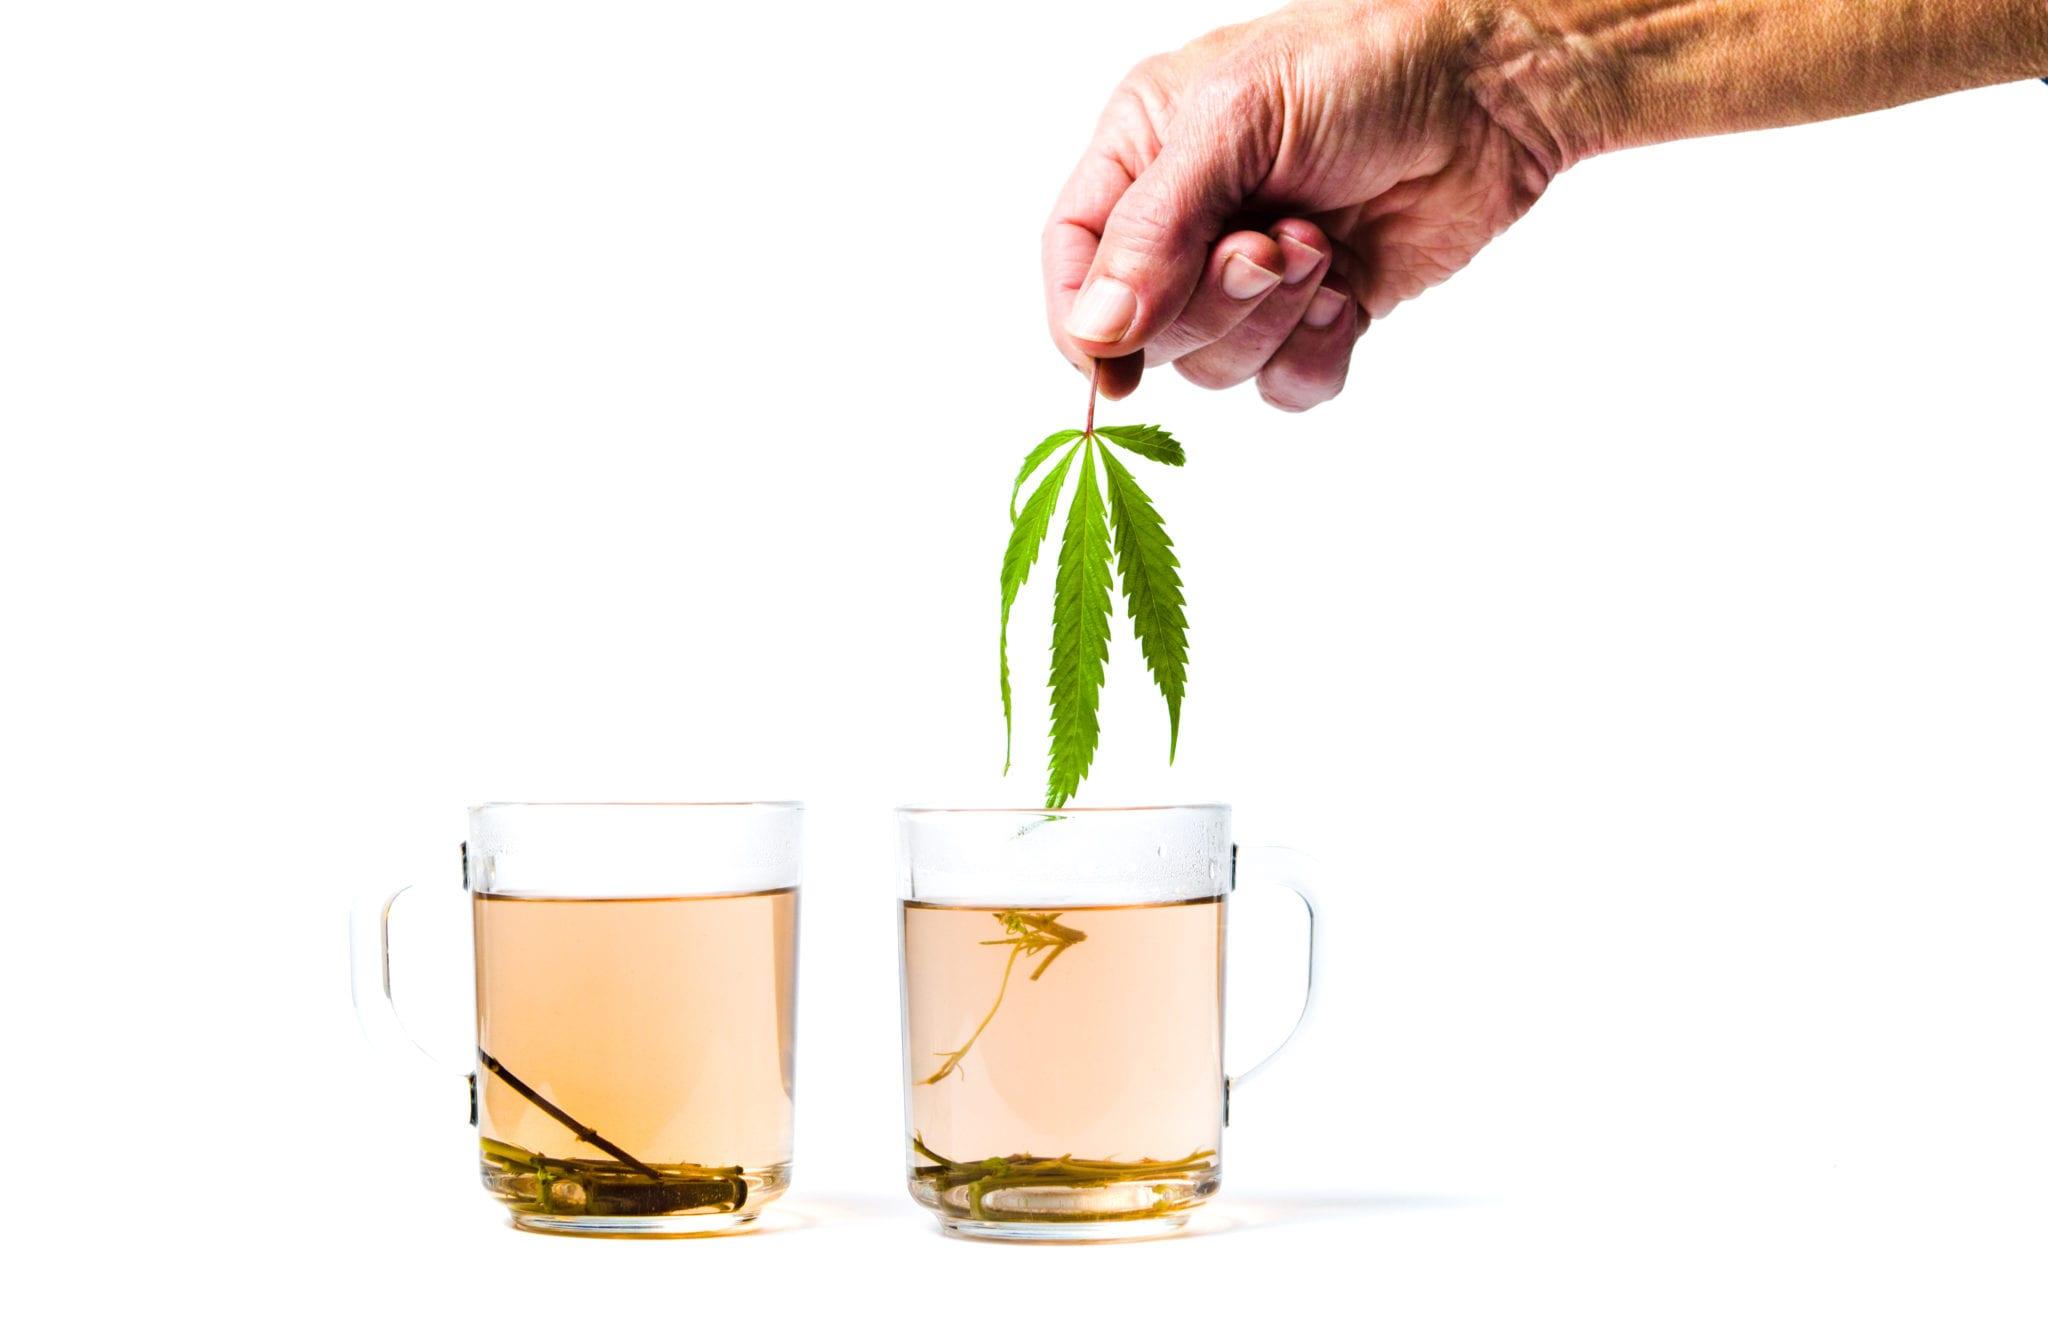 u.s. hemp-infused beverages soar